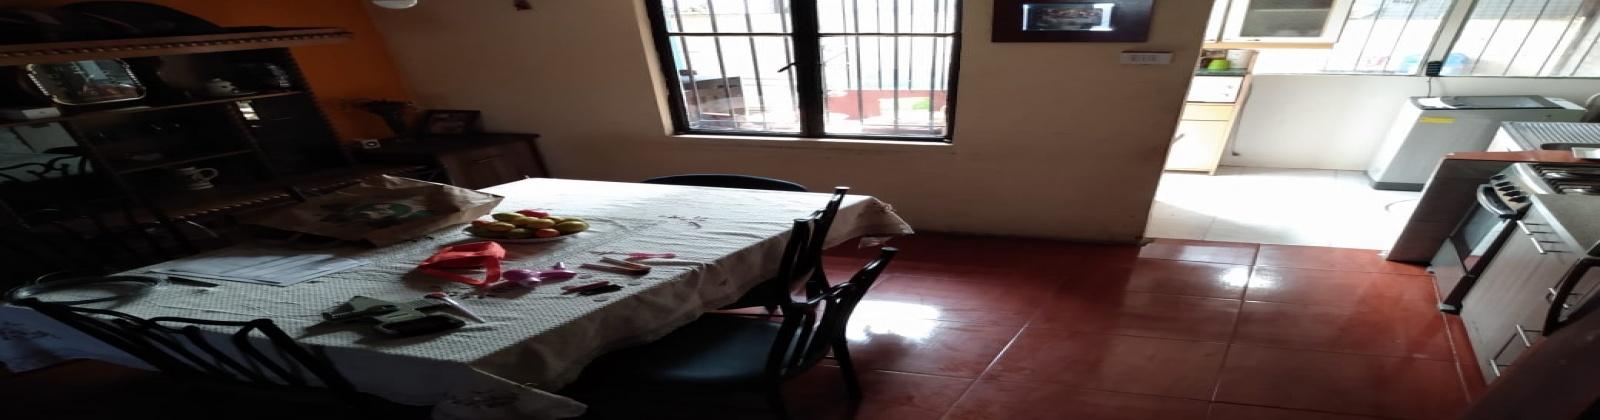 Leonor de la Corte, Quinta Normal, R. Metropolitana, 3 Habitaciones Habitaciones, ,2 BathroomsBathrooms,Casa,Venta,Leonor de la Corte,1041